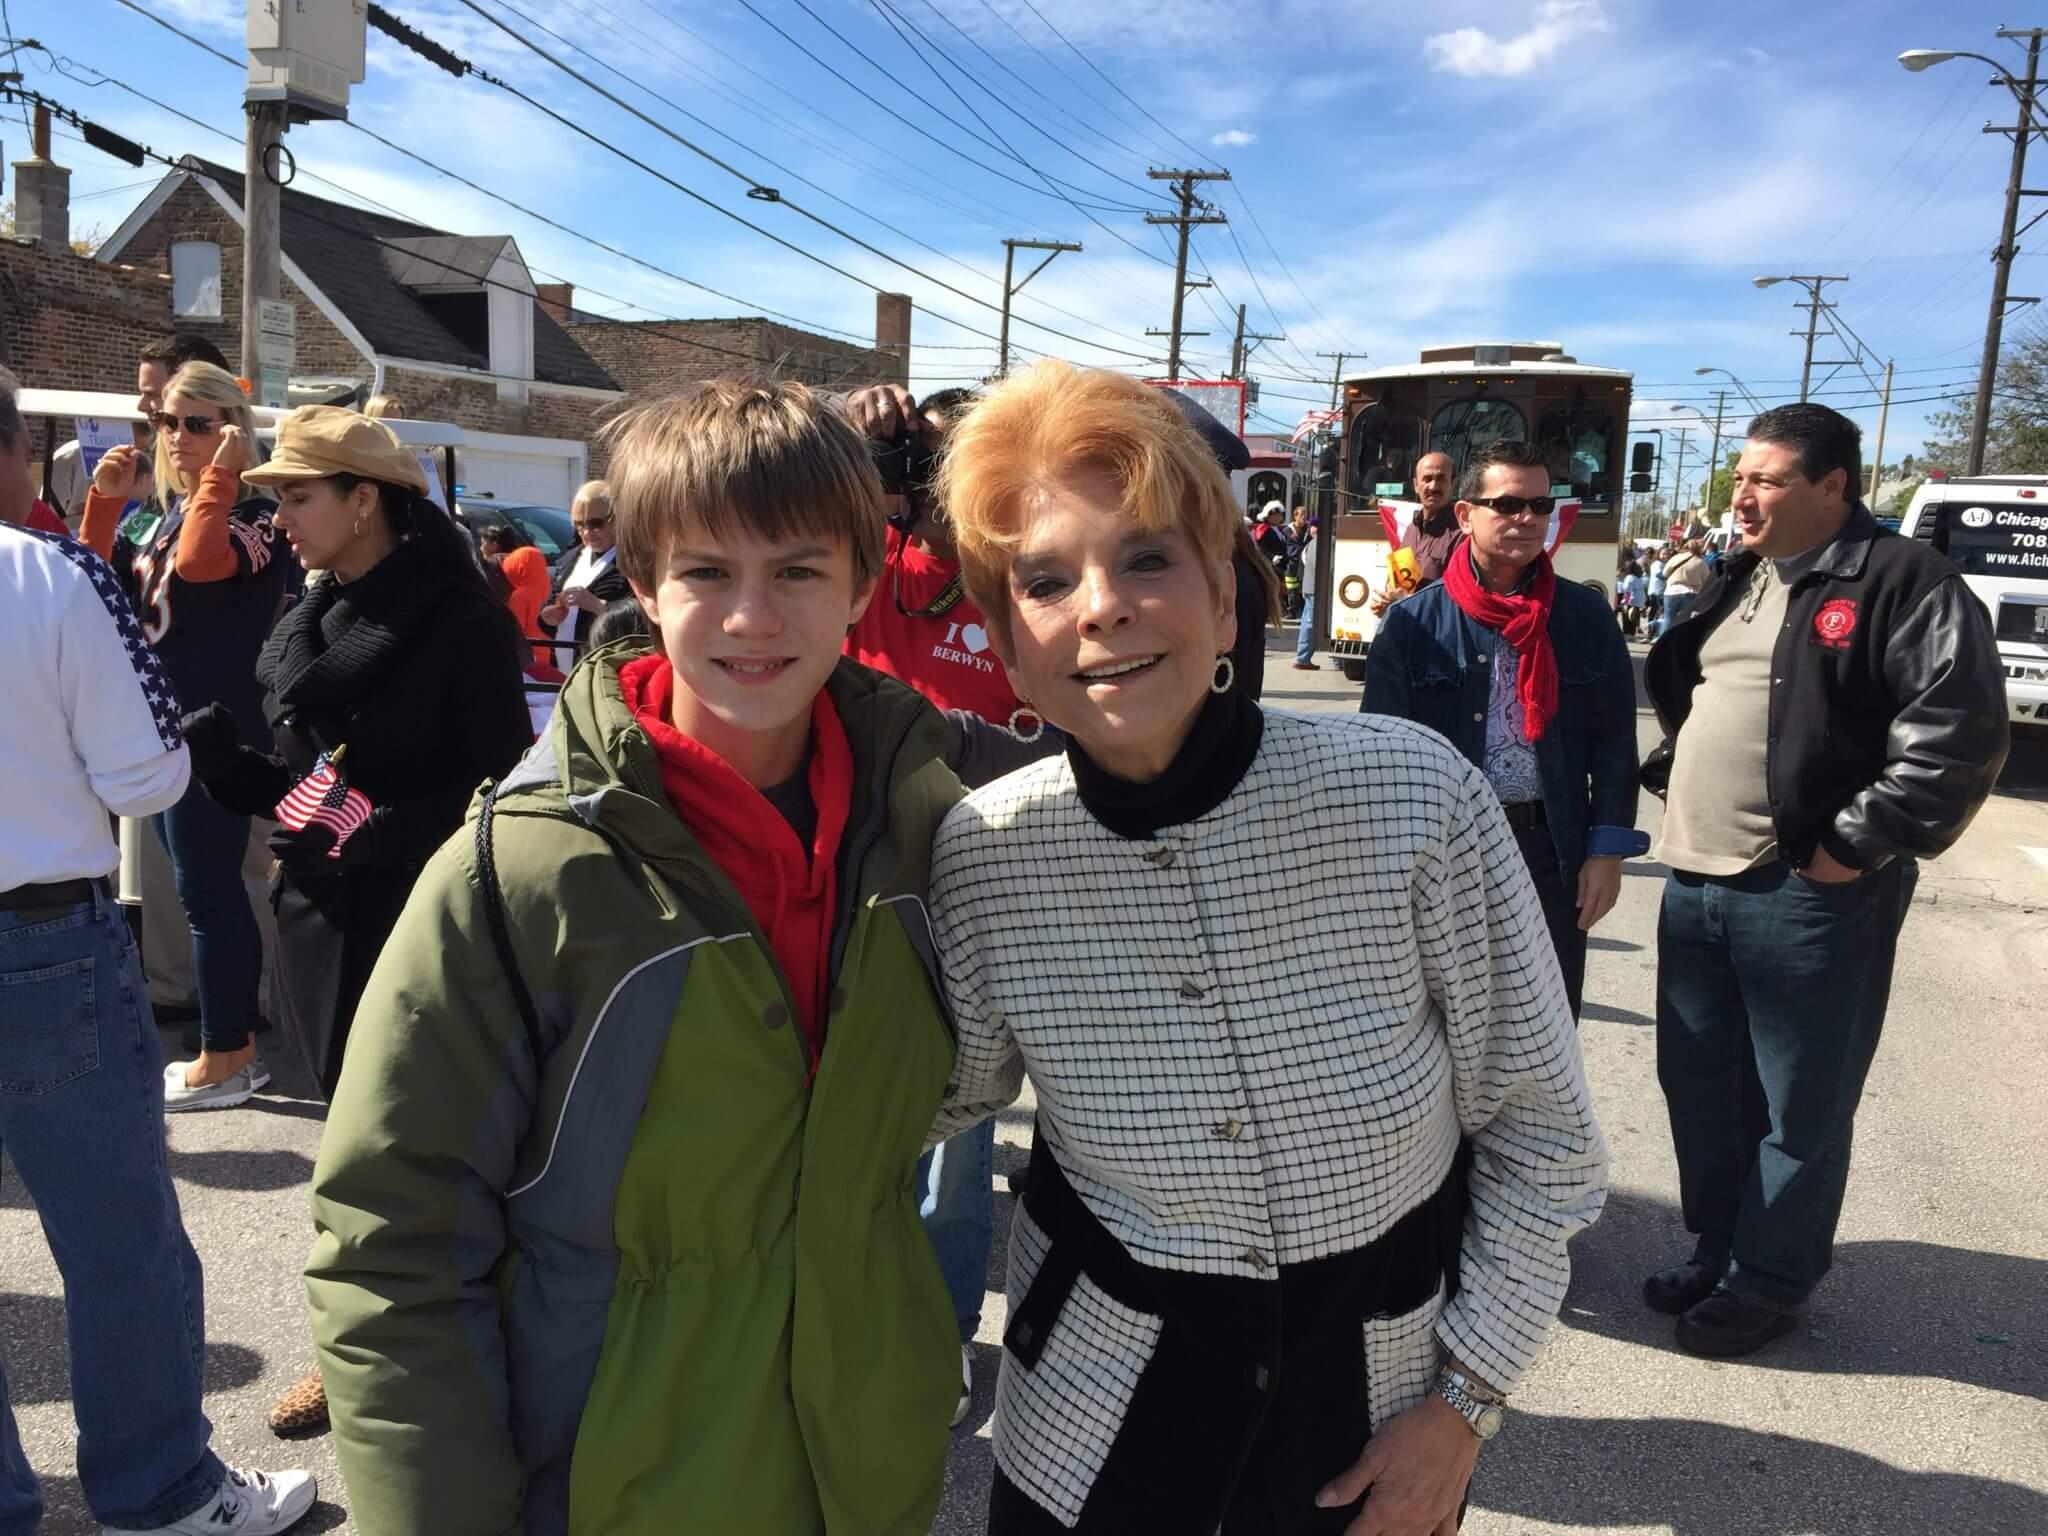 Judy Baar Topinka poses with my son Aaron in October 2014